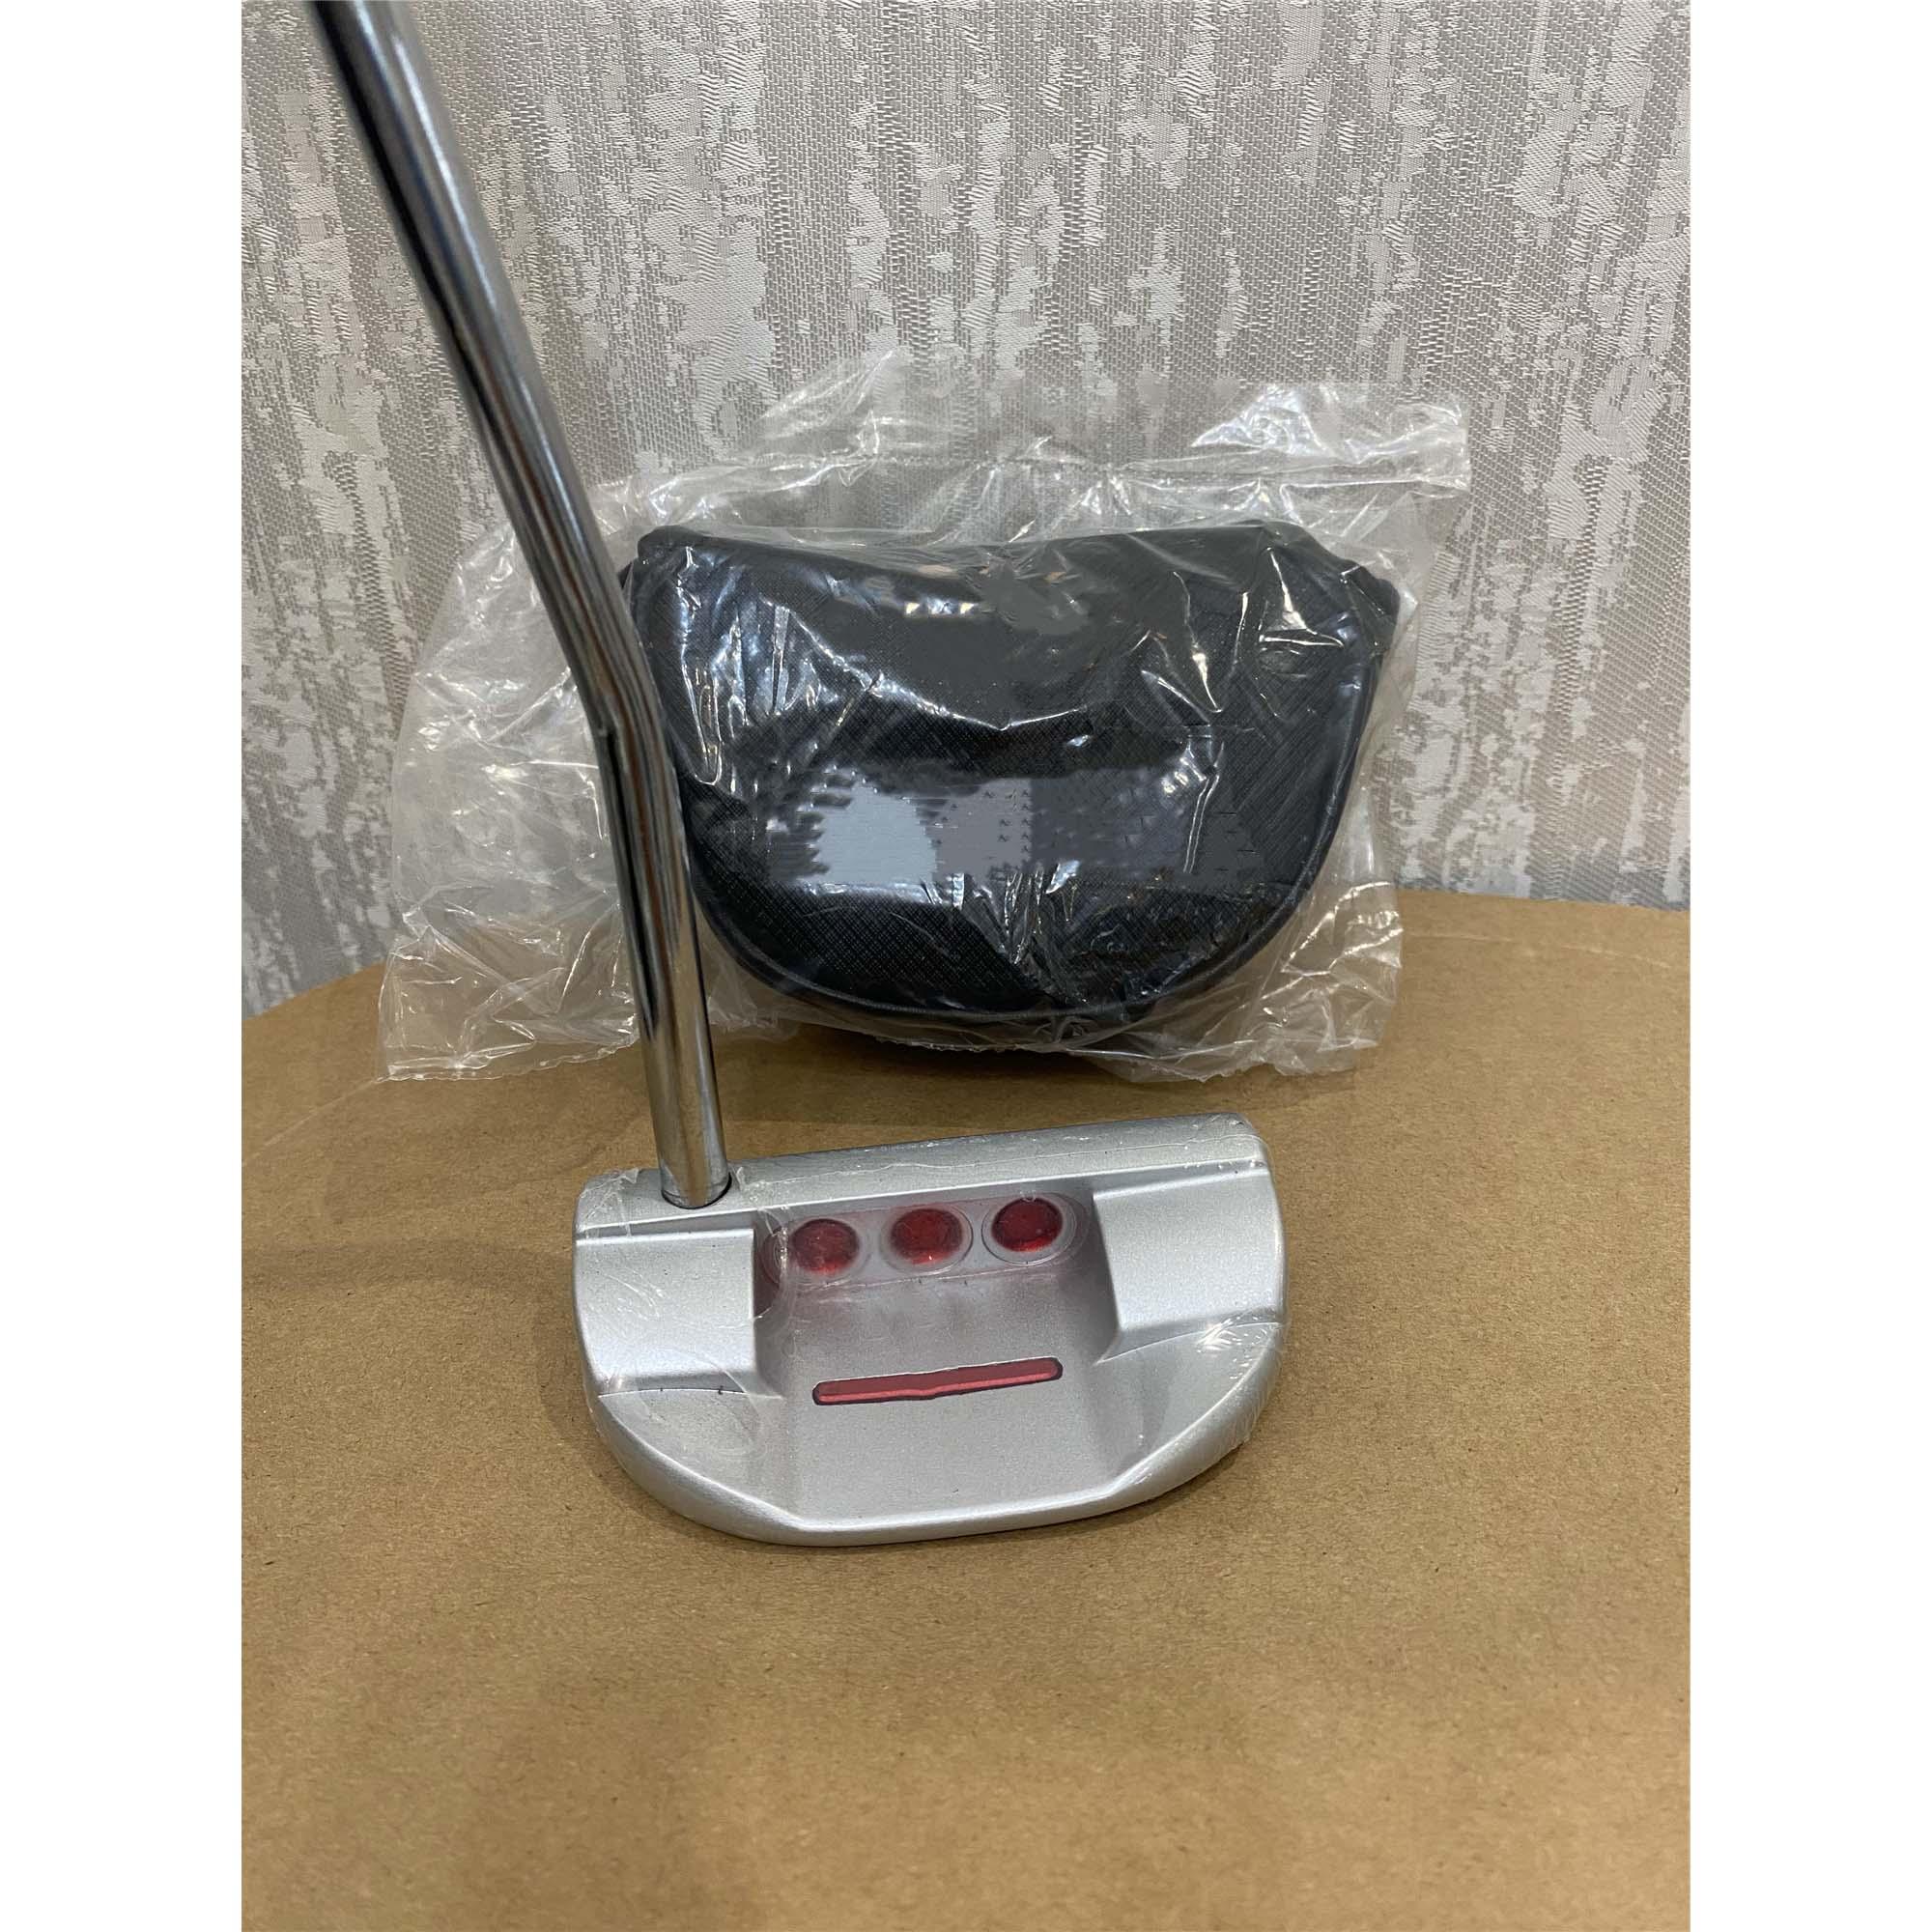 Golf Putter, Small Semicircular Putter, Adjustable Weight